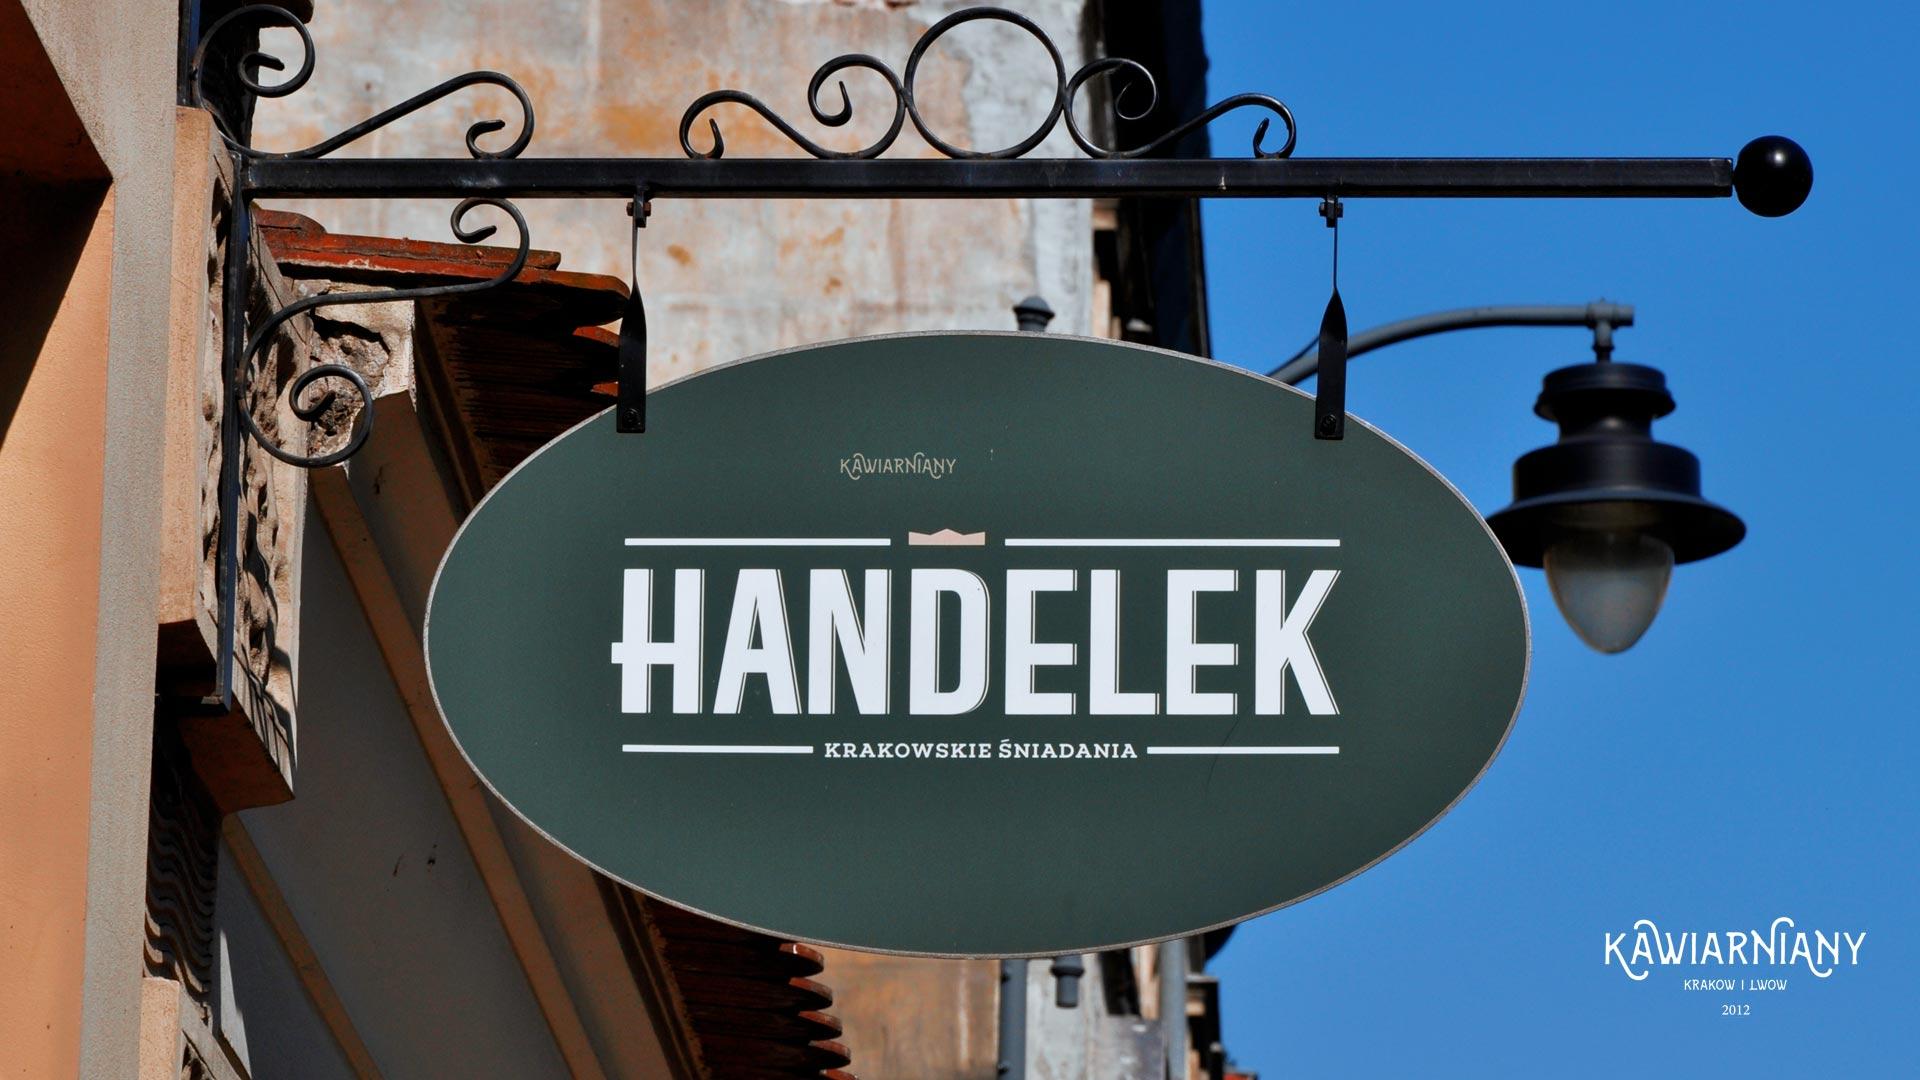 Śniadaniowy lokal Handelek – najtańsze śniadania w Krakowie?